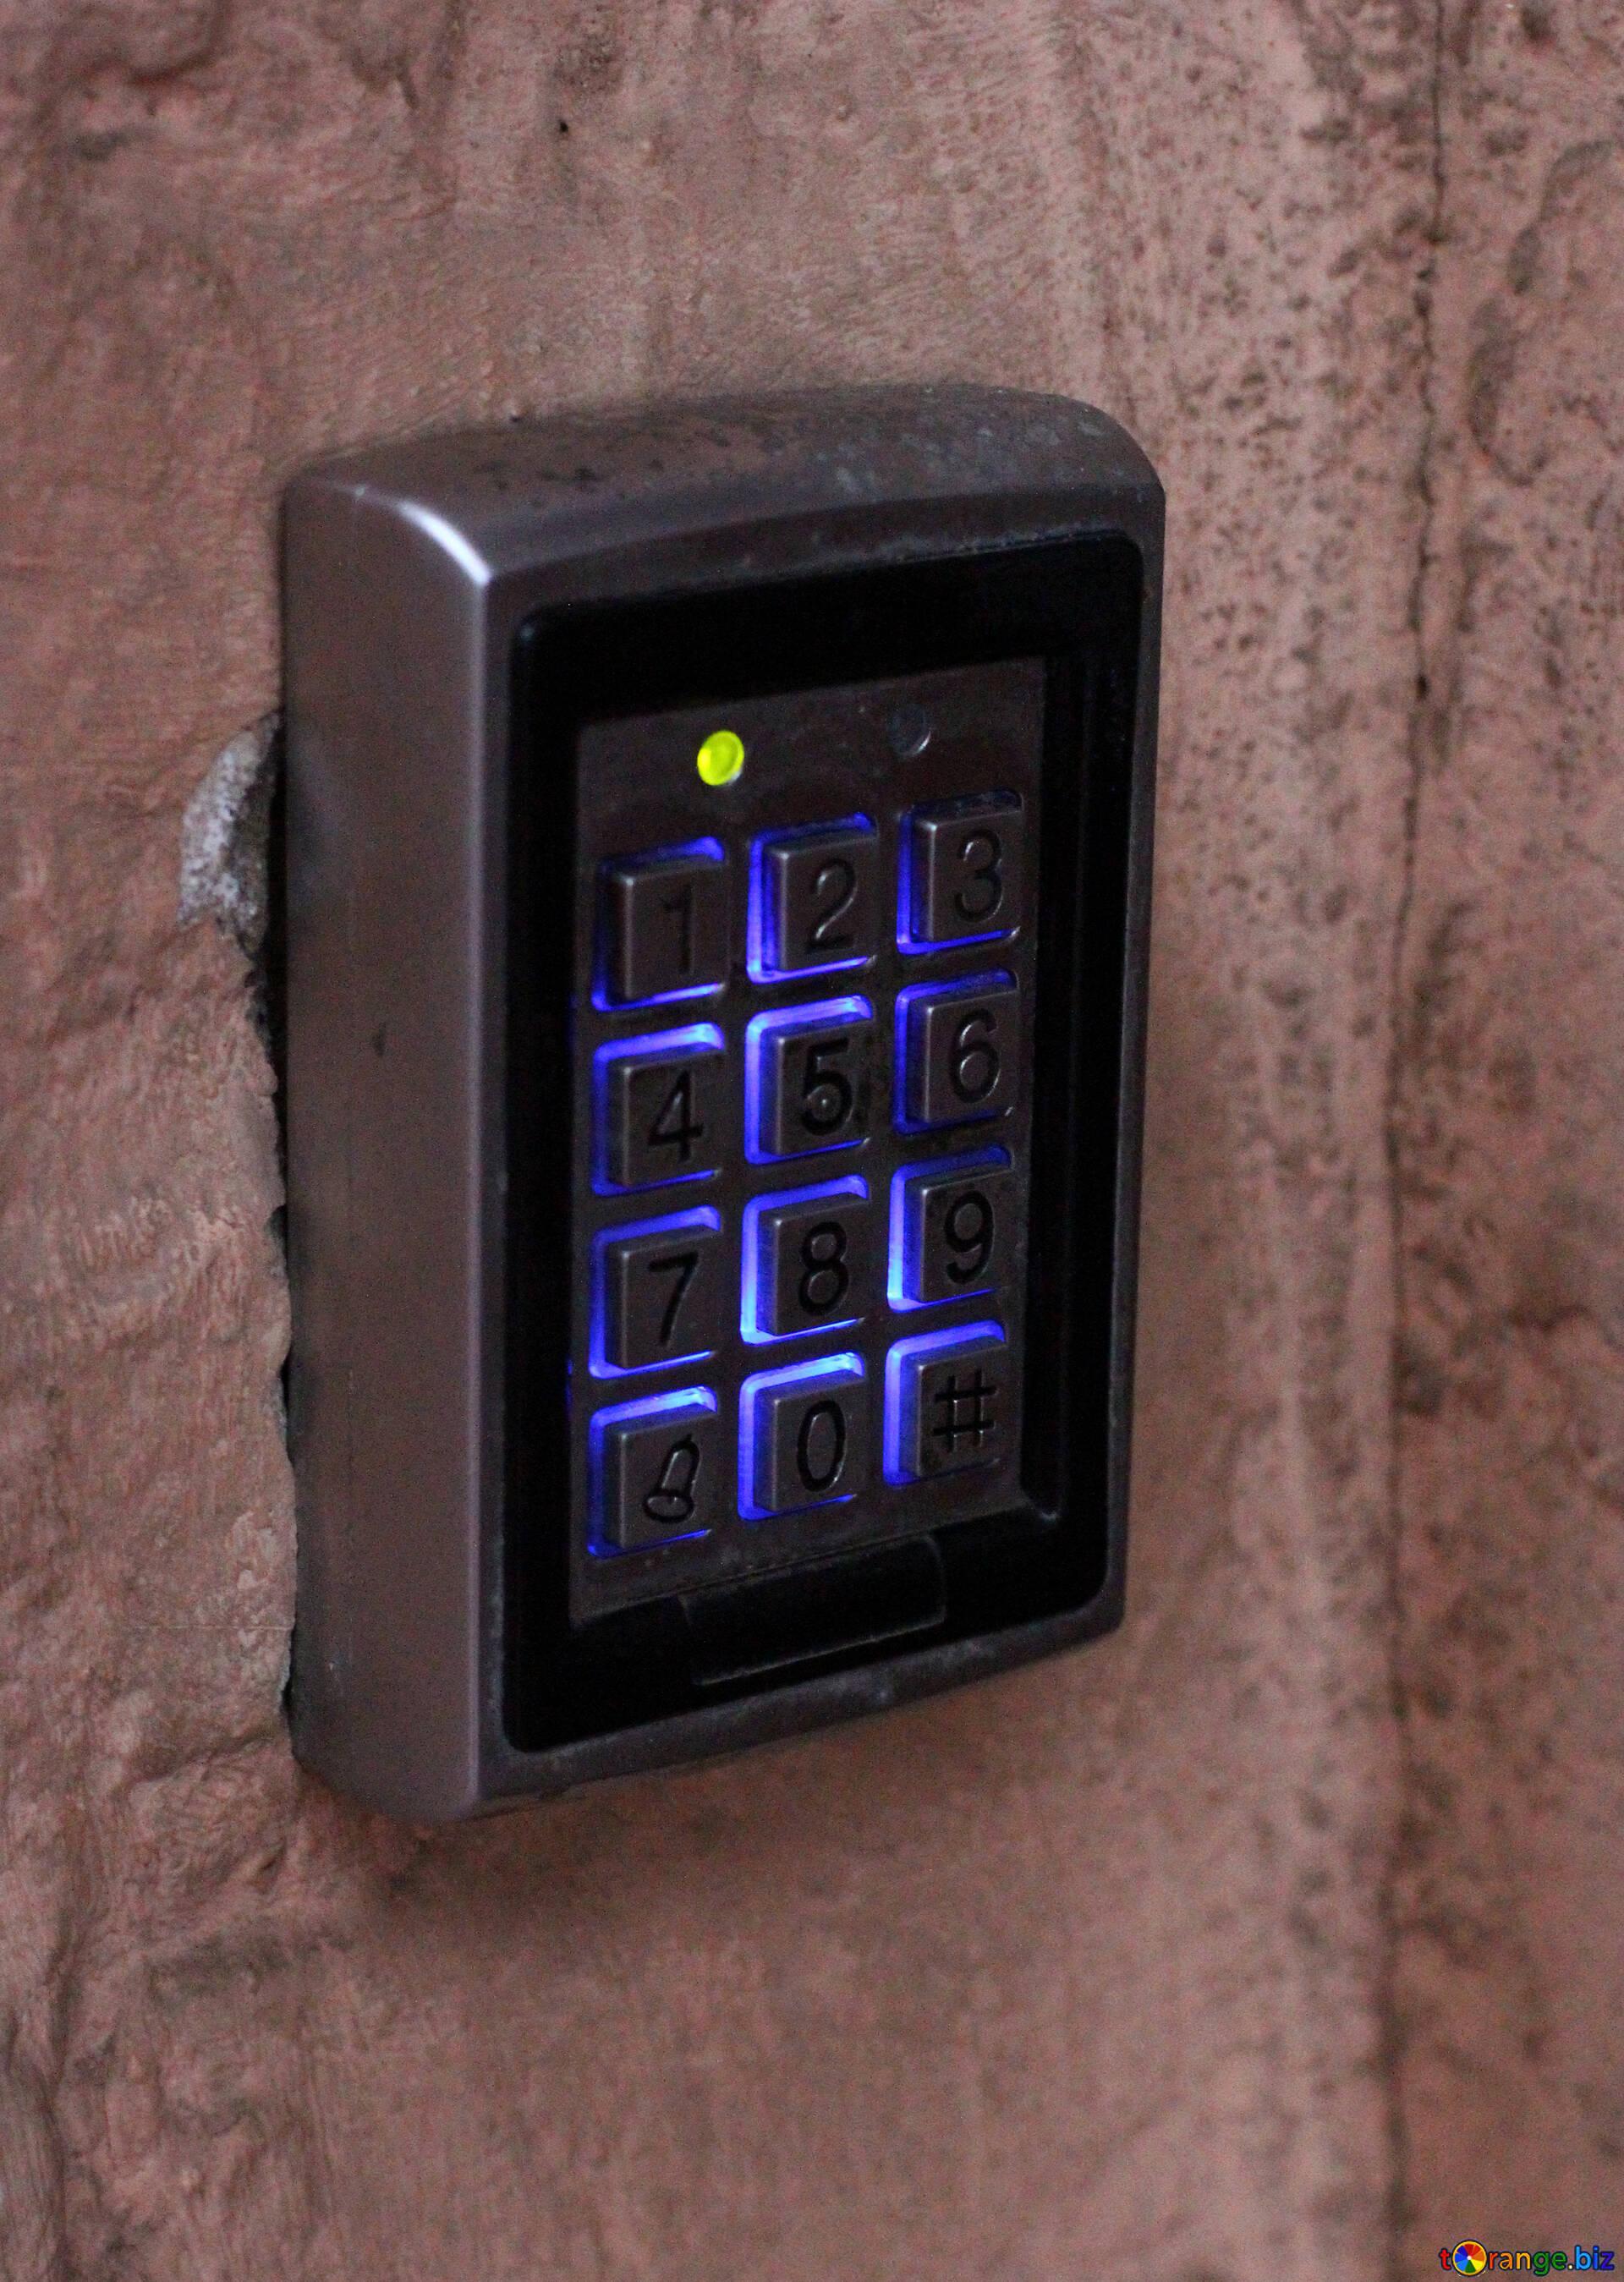 vorhängeschlösser digitales türschloss sicherheit № 49322